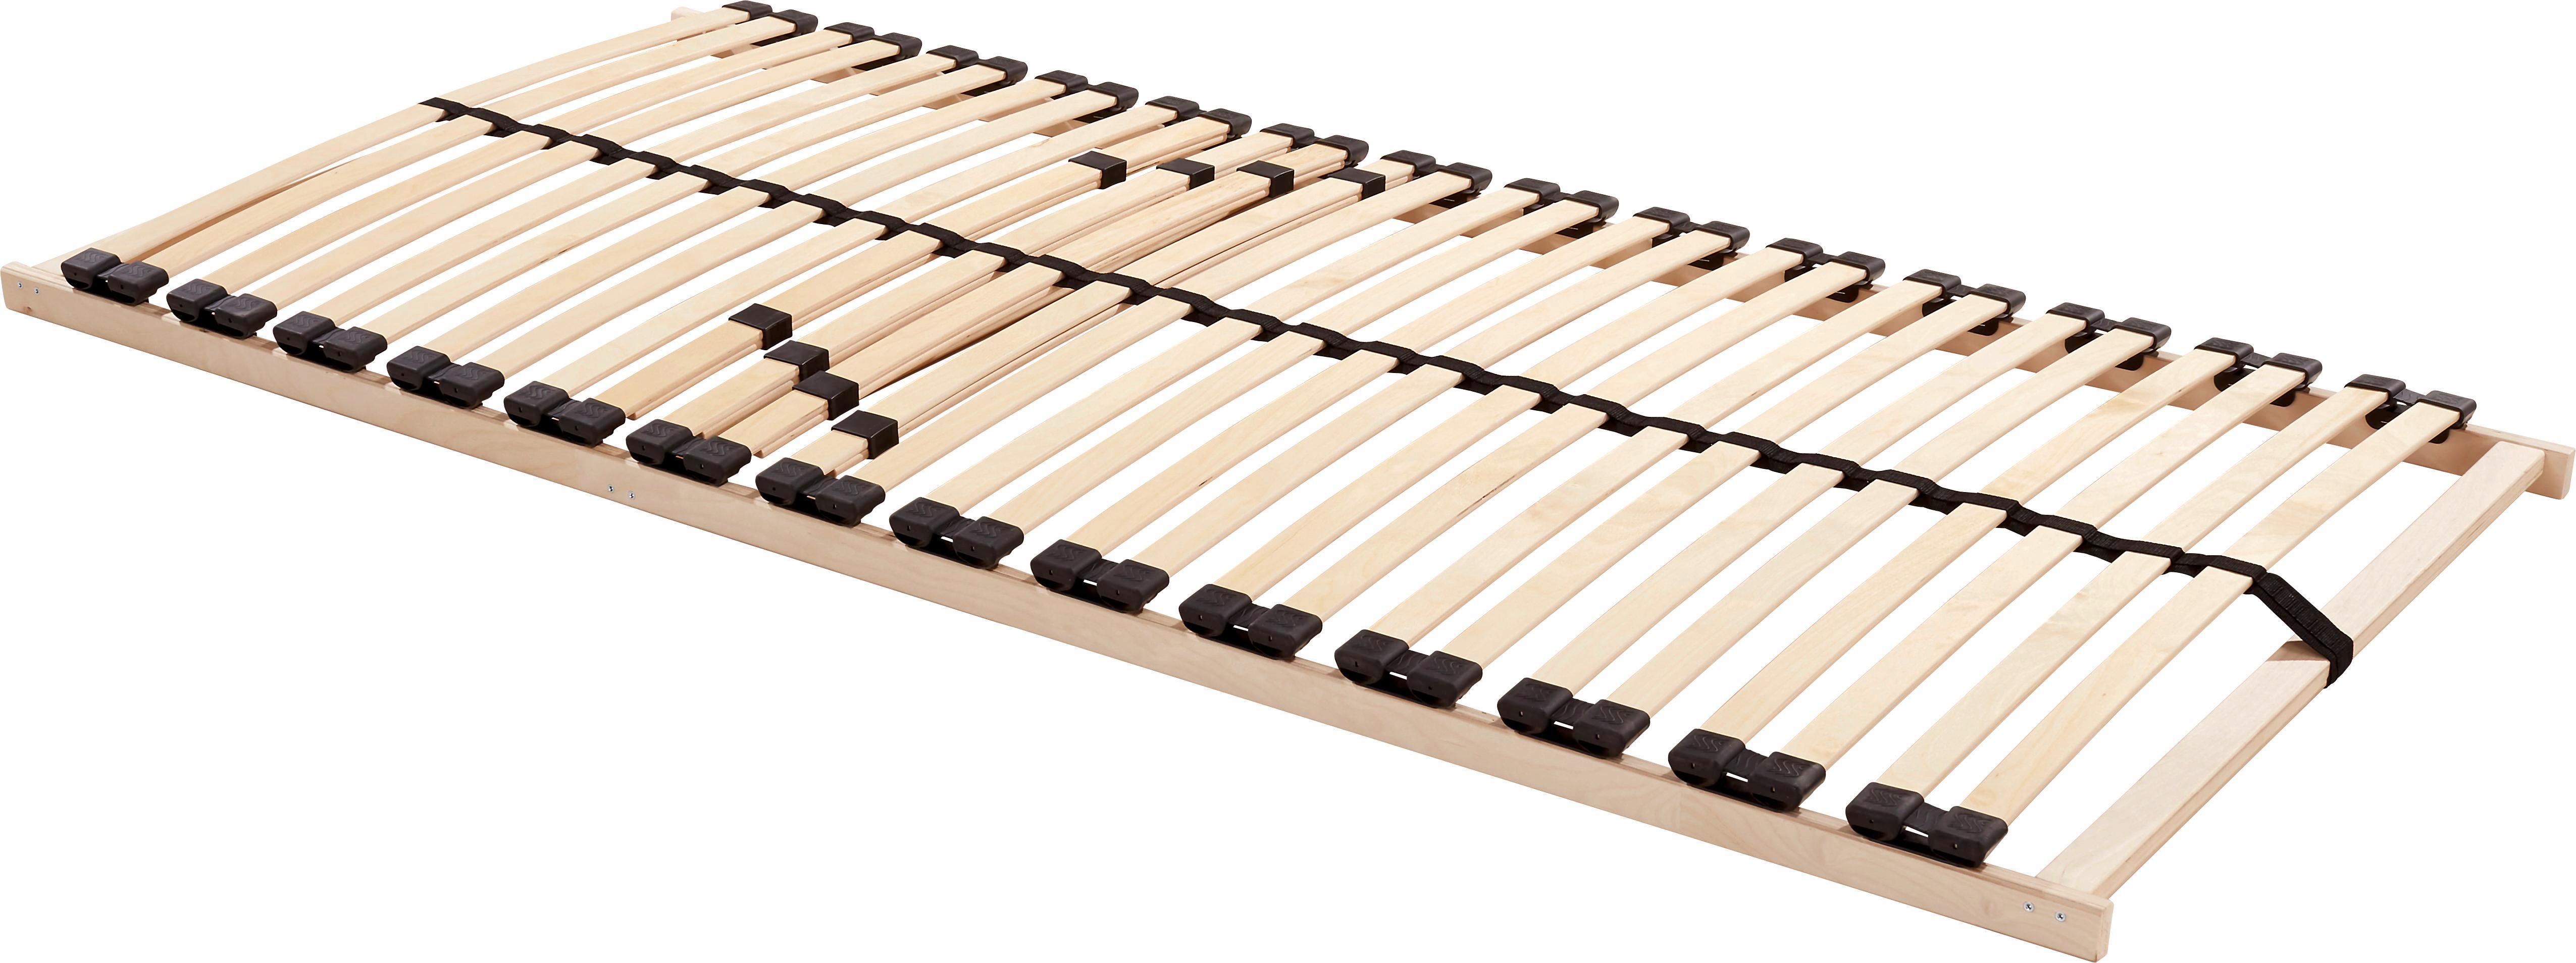 Lattenrost aus Holz mit verstellbarer Härte